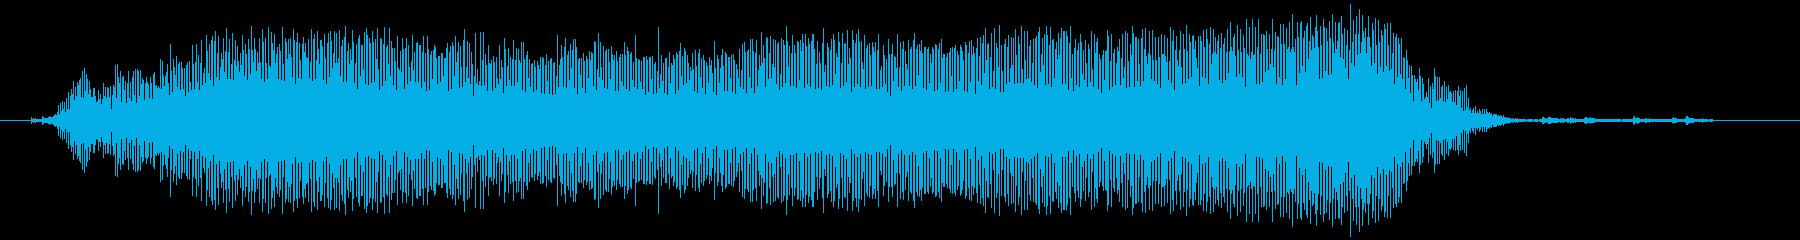 吹くパーティーブローアウトホーンの再生済みの波形